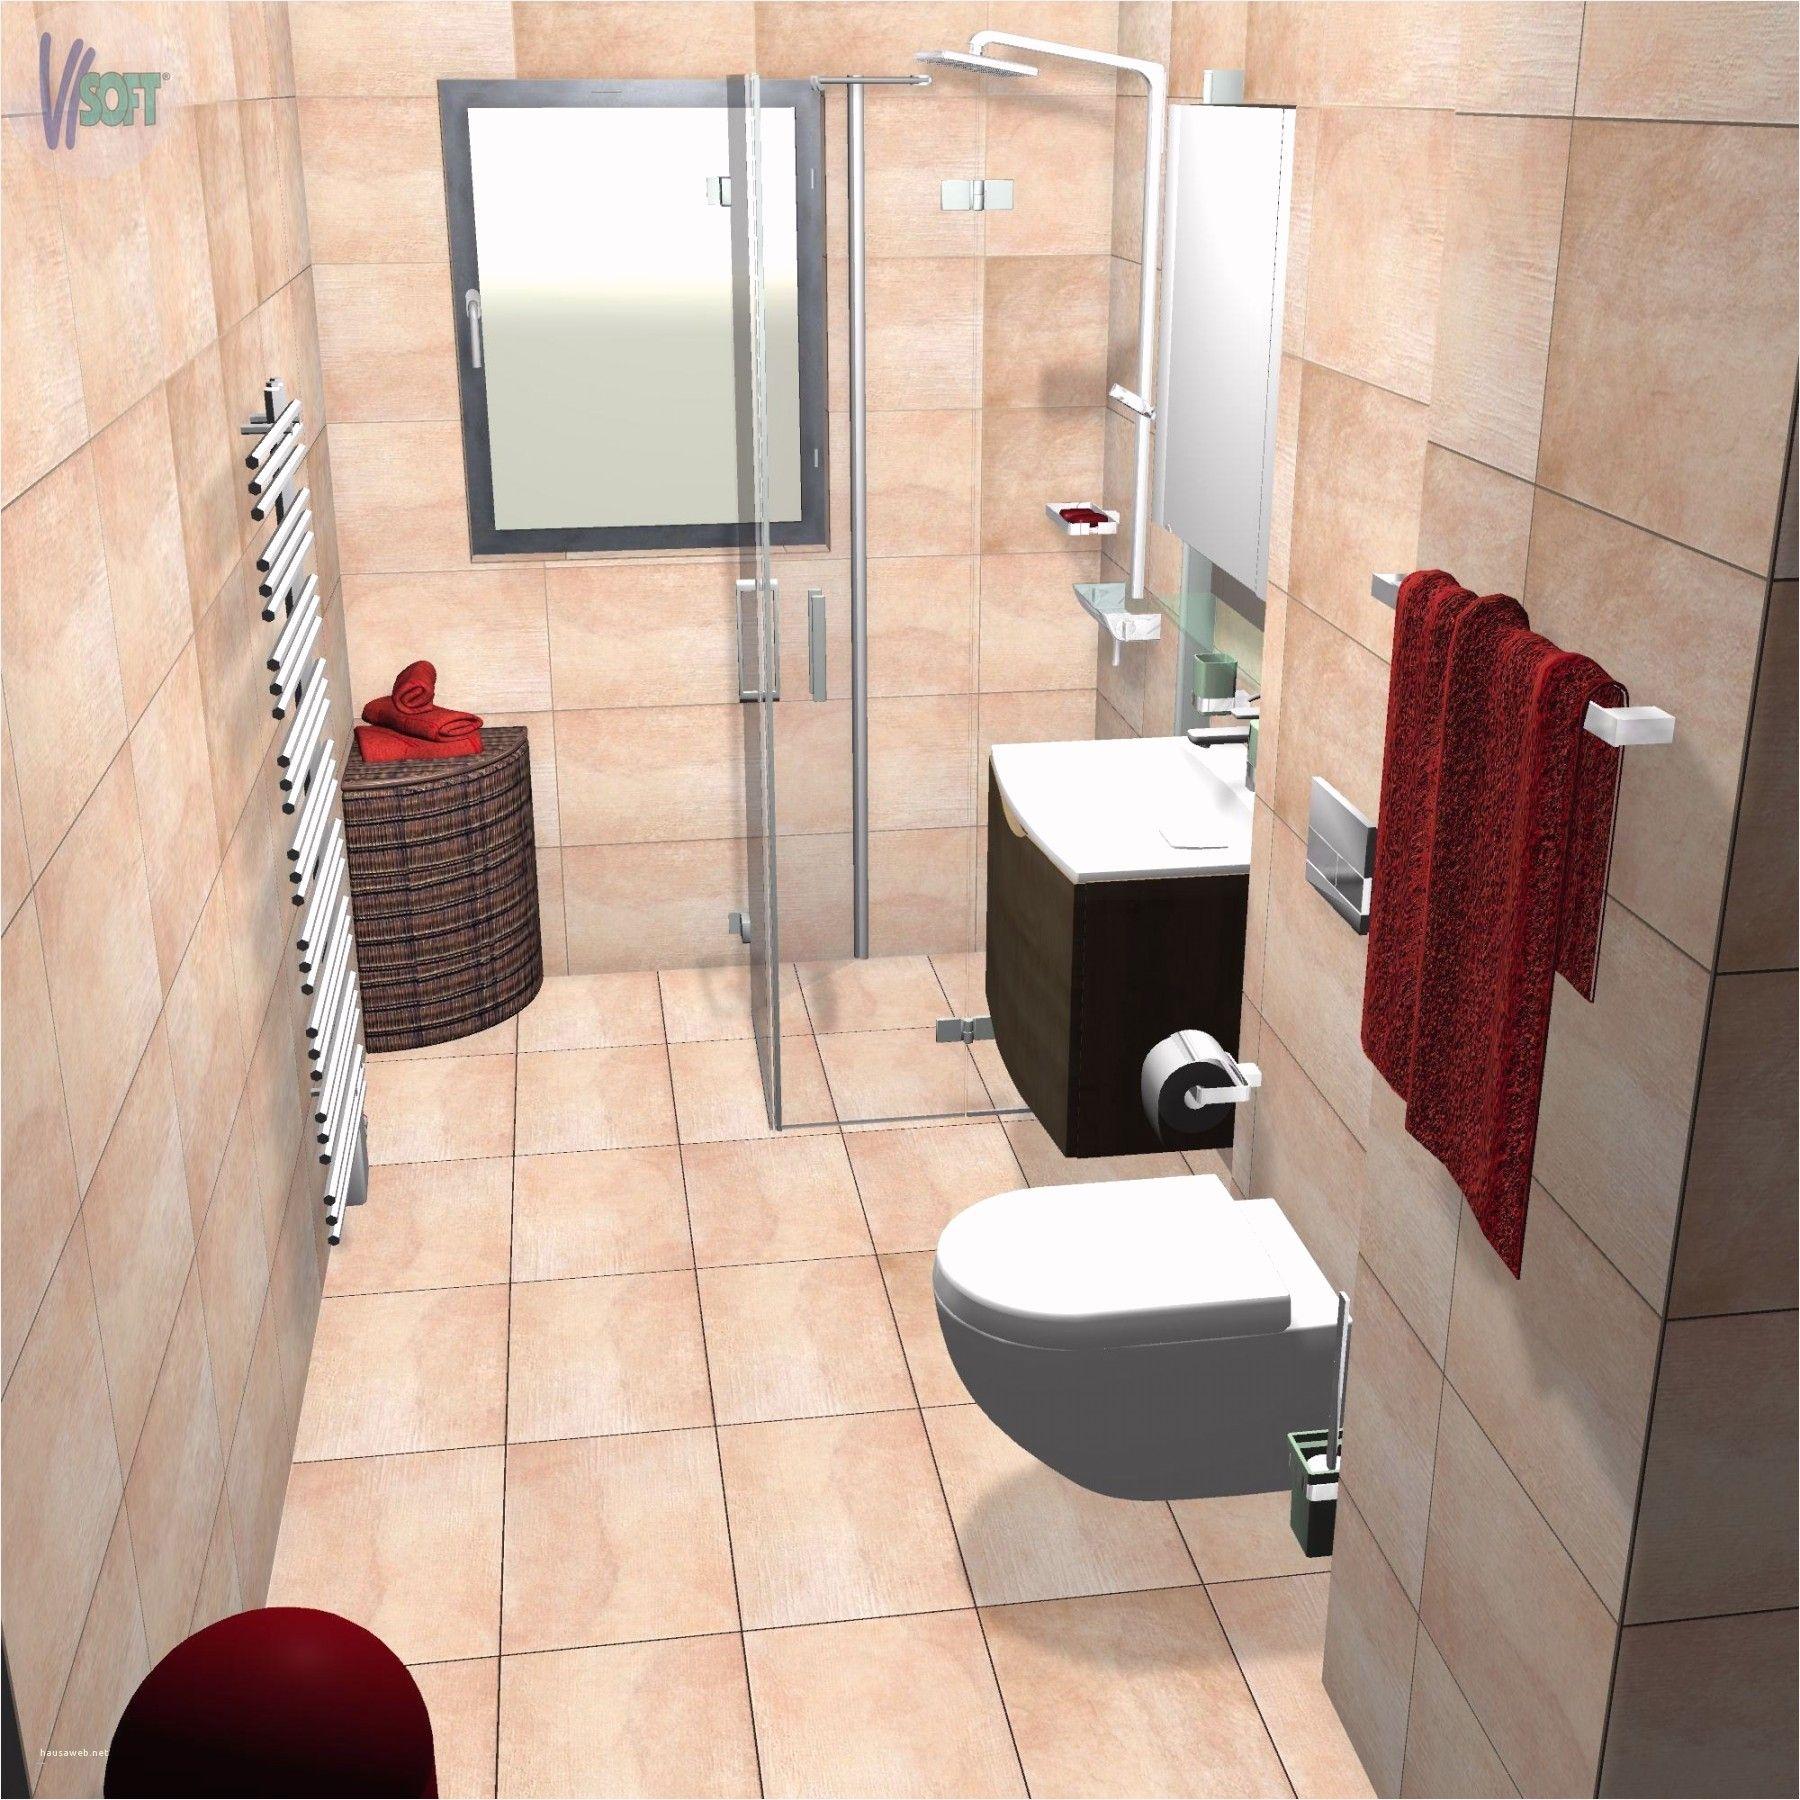 Badezimmer Planen Kostenlos Frisch attraktiv Badezimmer ...